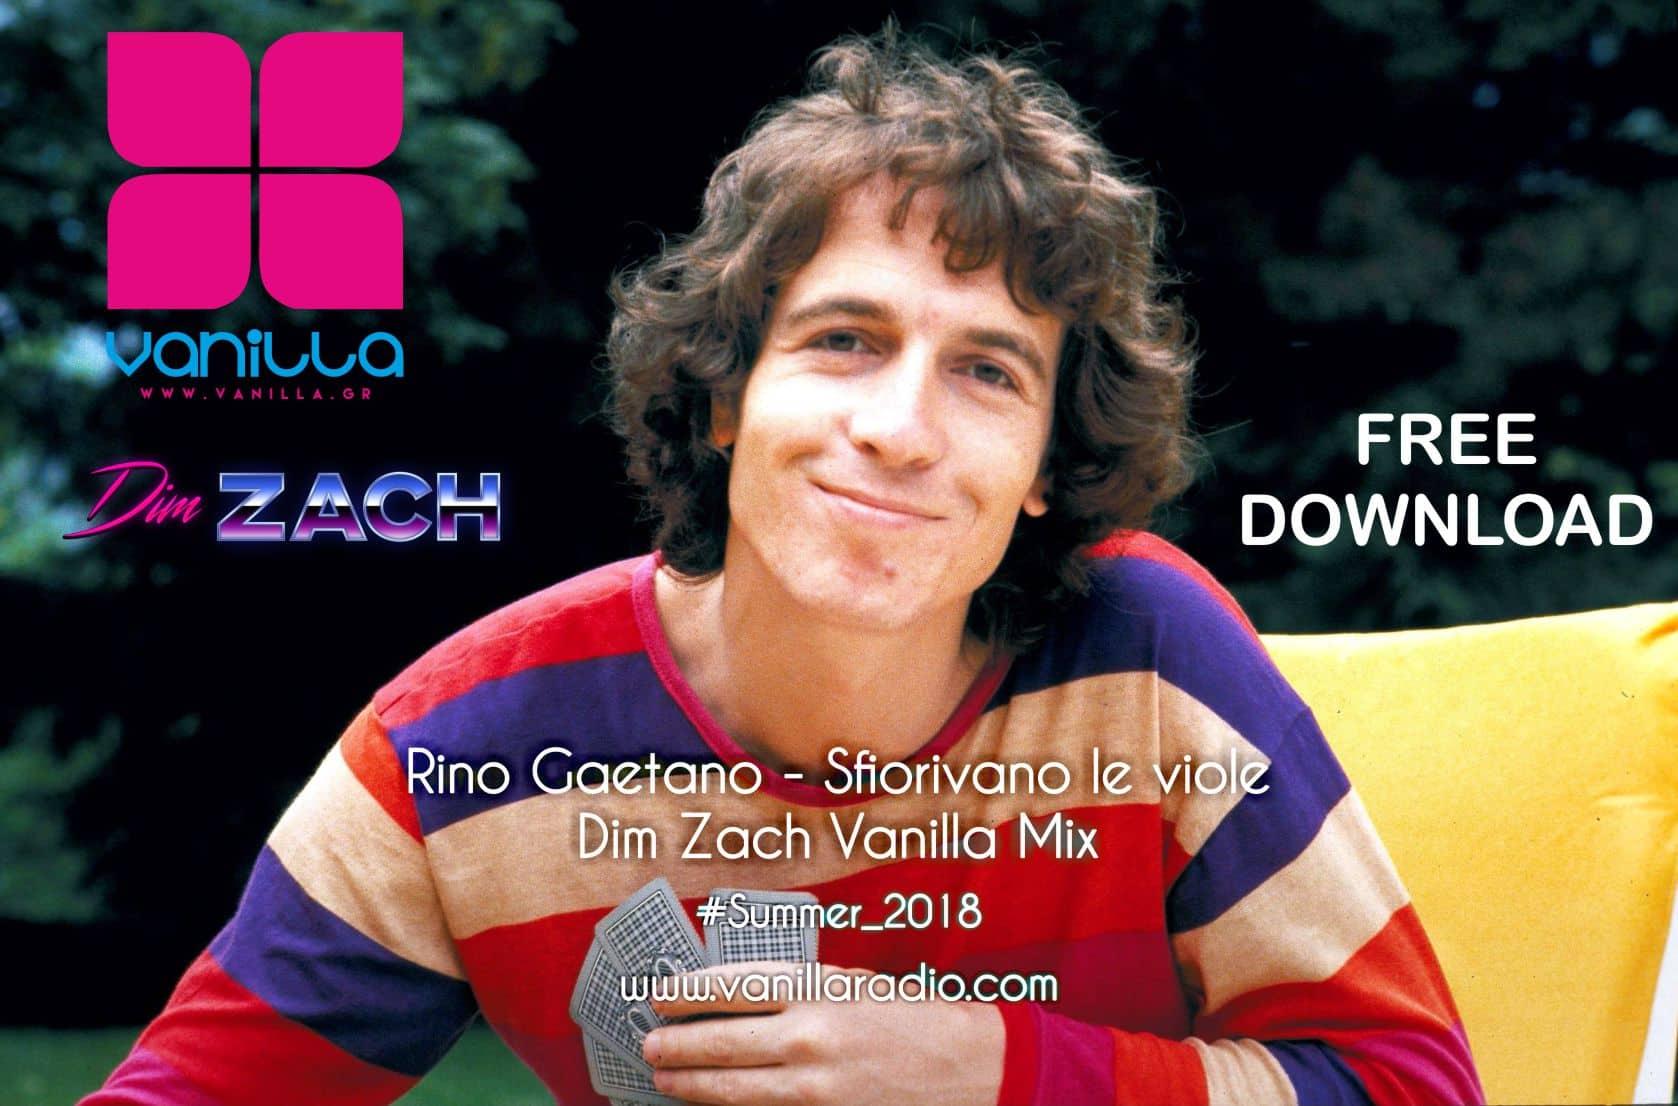 Rino Gaetano - Sfiorivano Le Viole ( Dim Zach Vanilla Mix )FREE DOWNLOAD